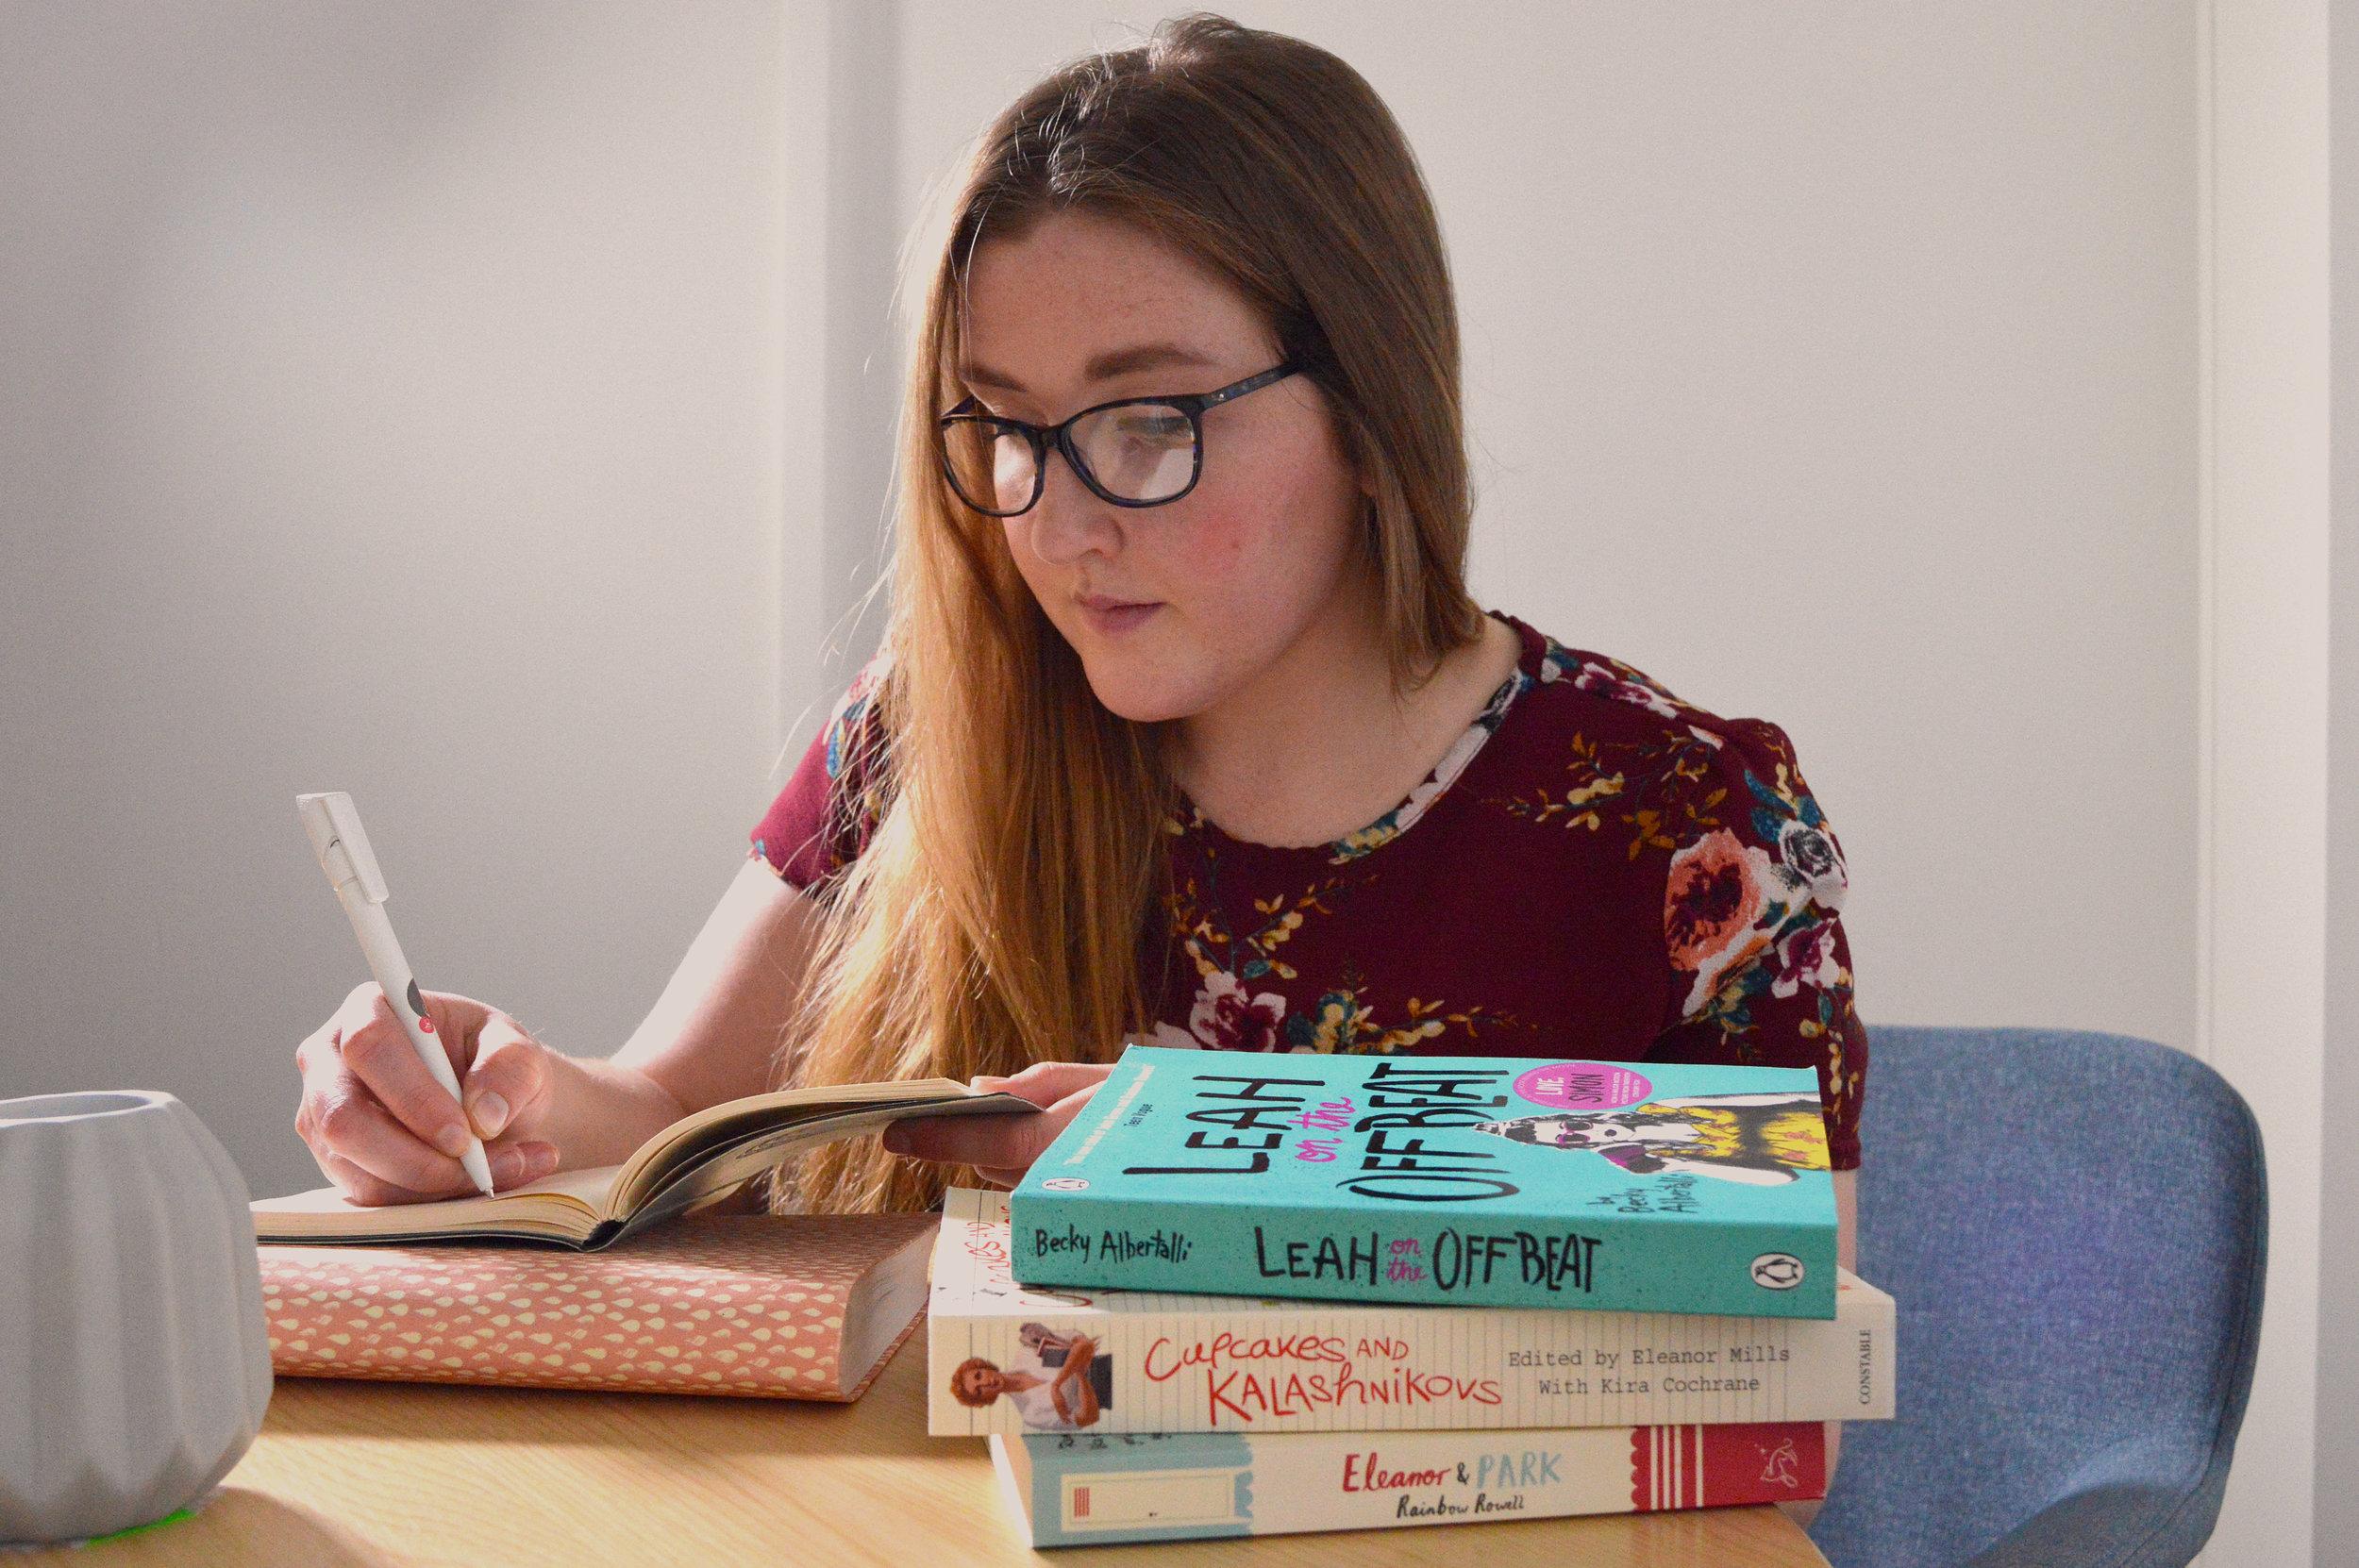 Emily writing writer publisher